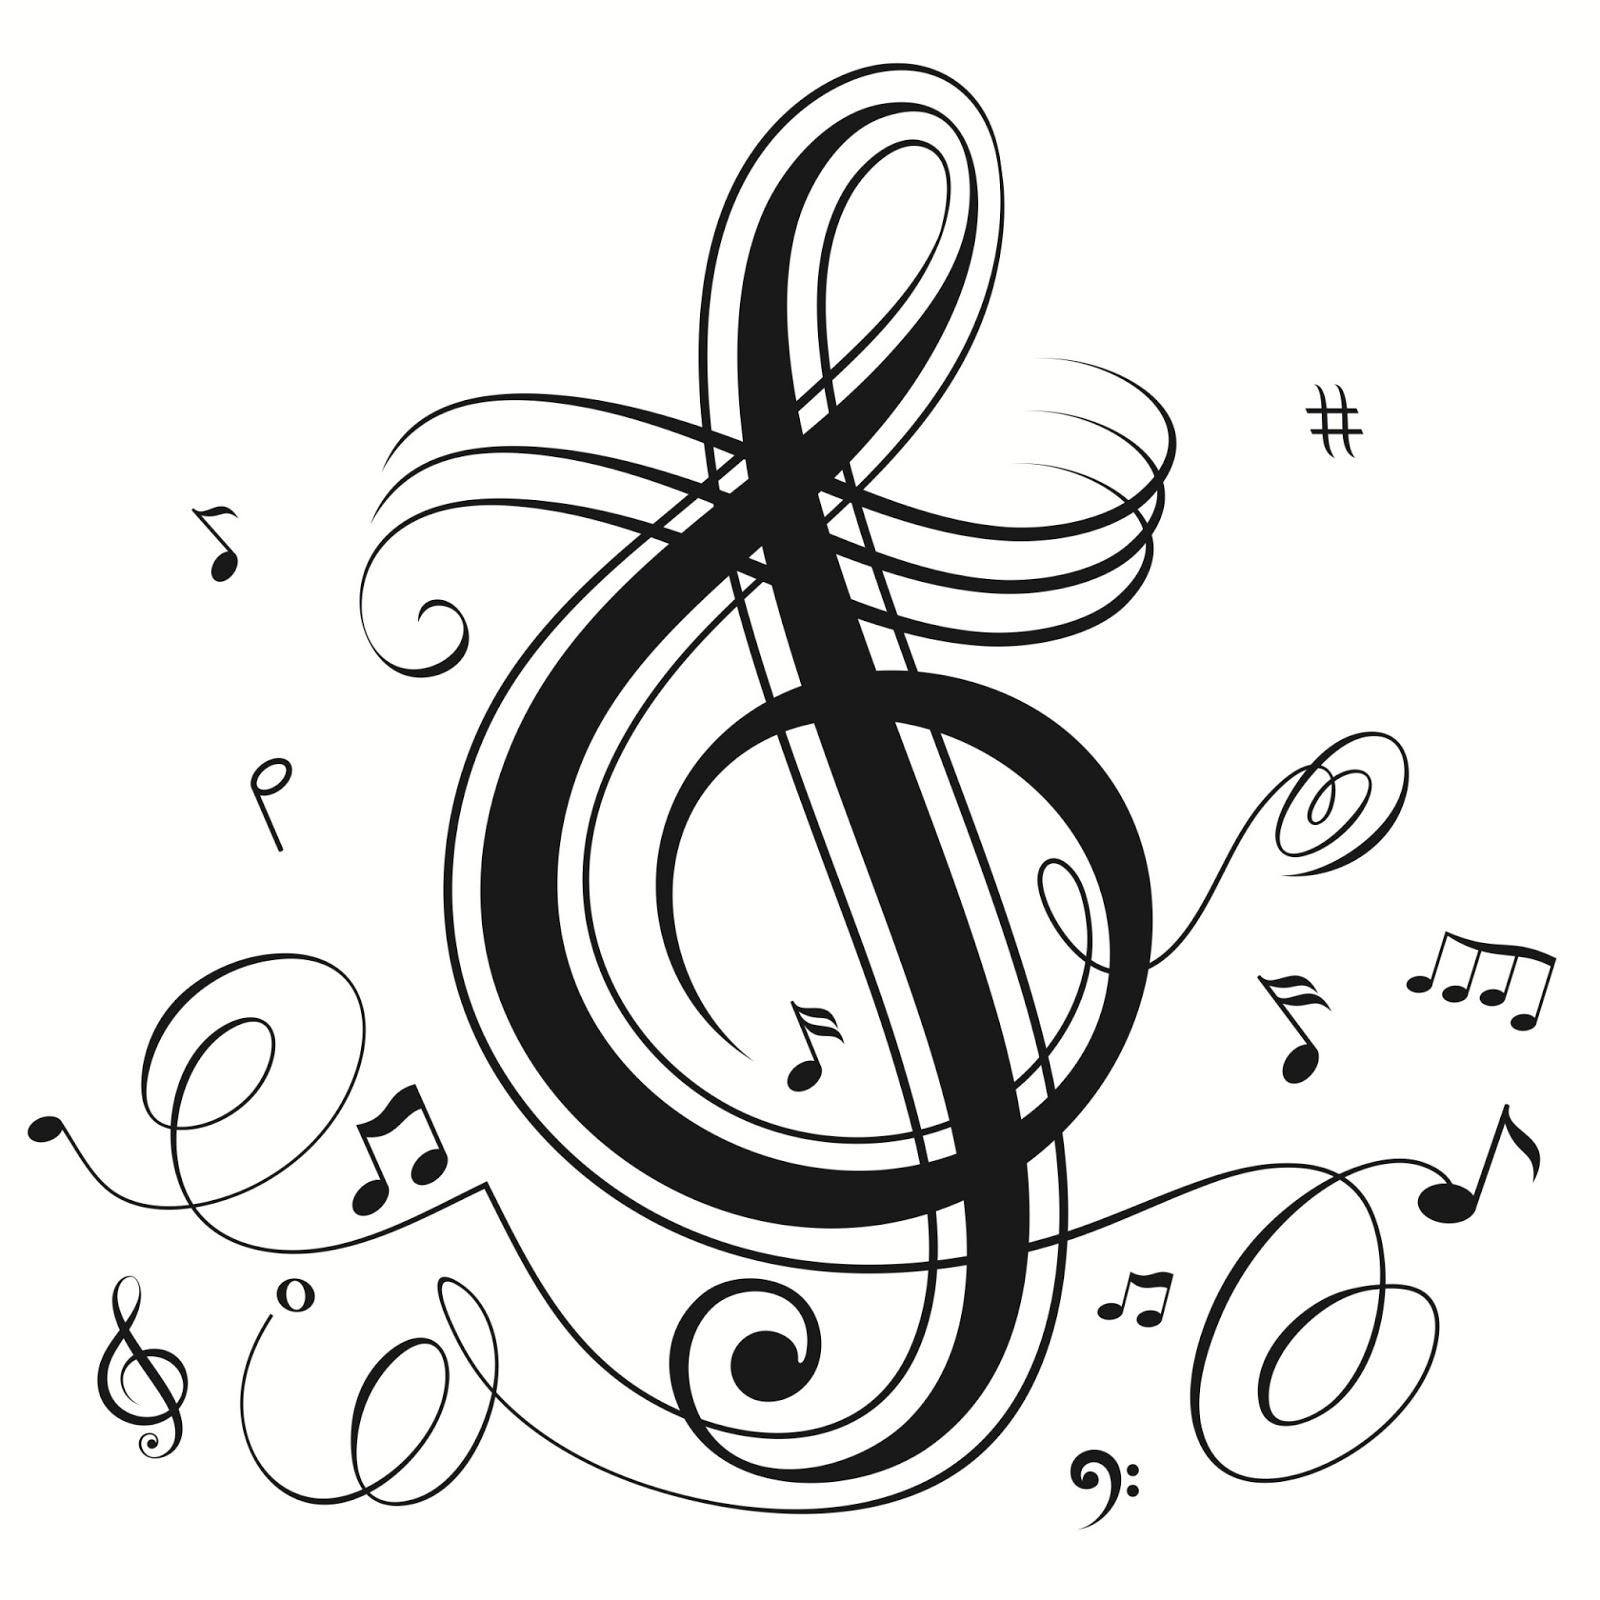 balada de um banco de jardim os azeitonas:Treble Clef Music Note Drawings